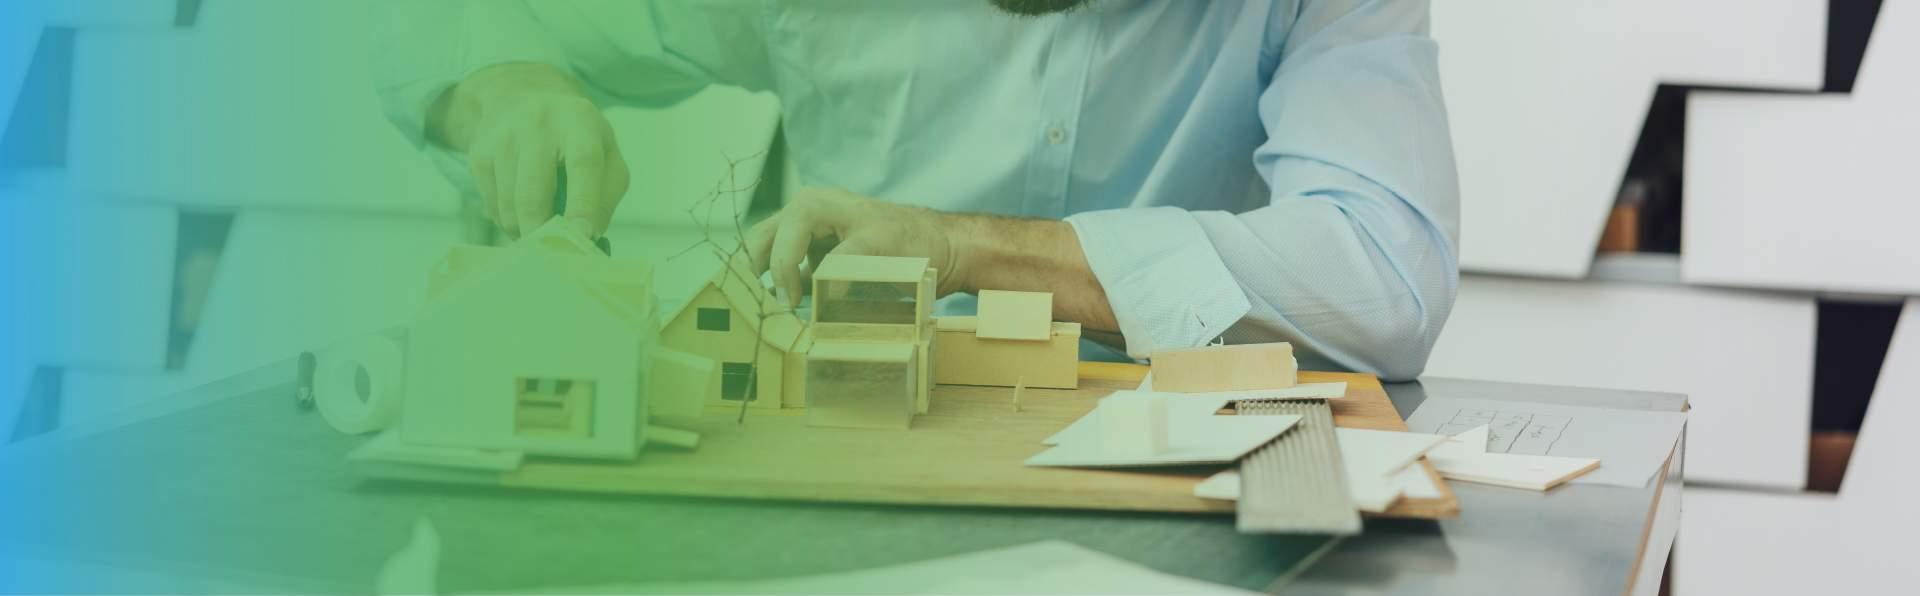 bureau d'étude en performance du bâtiment